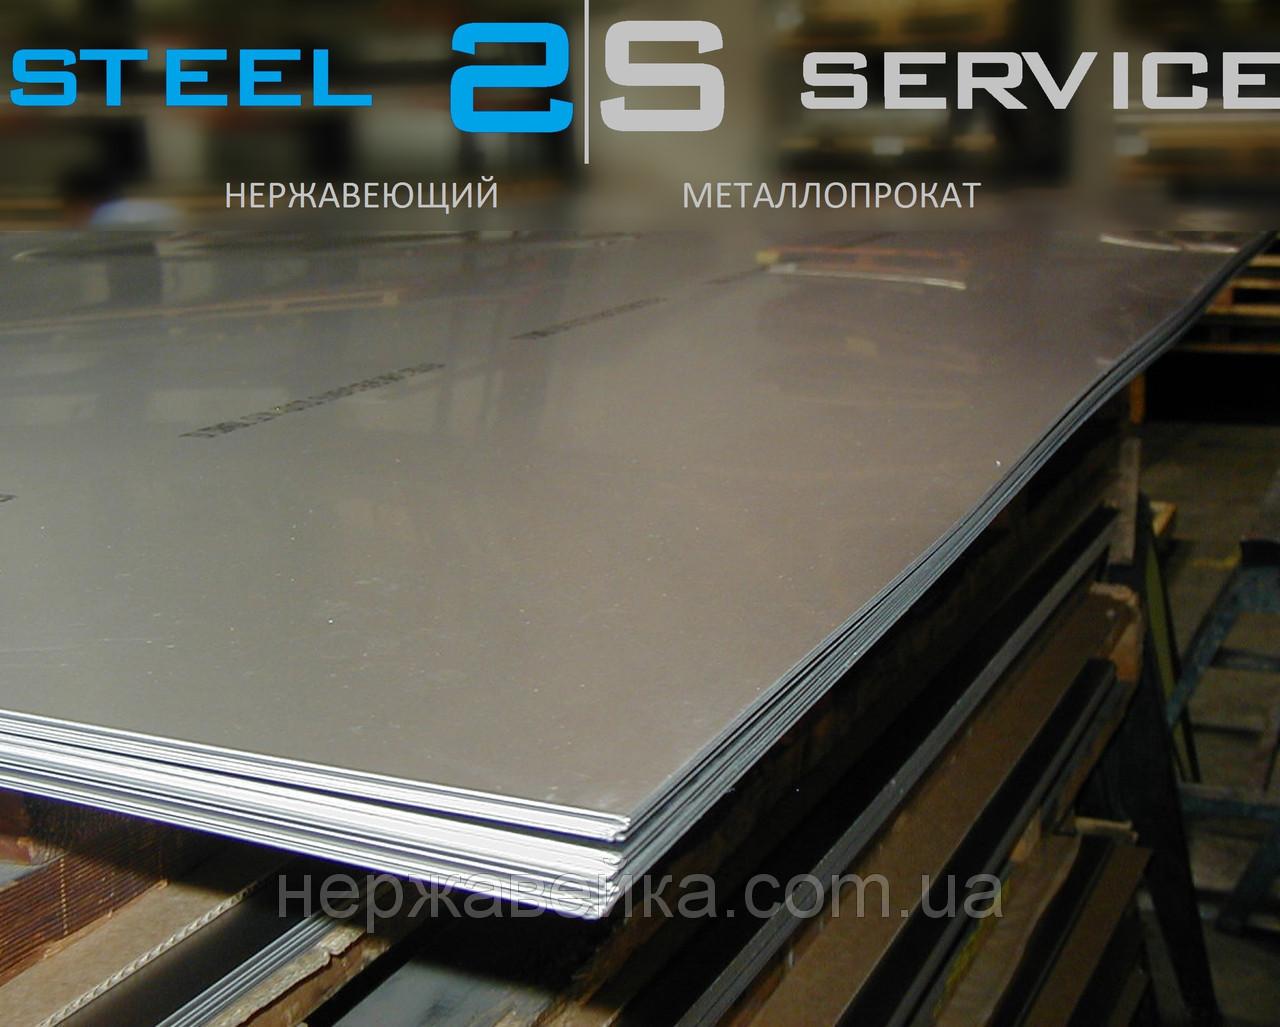 Нержавеющий лист 4х1500х3000мм AISI 410S(08Х13) F1 - горячекатанный, технический